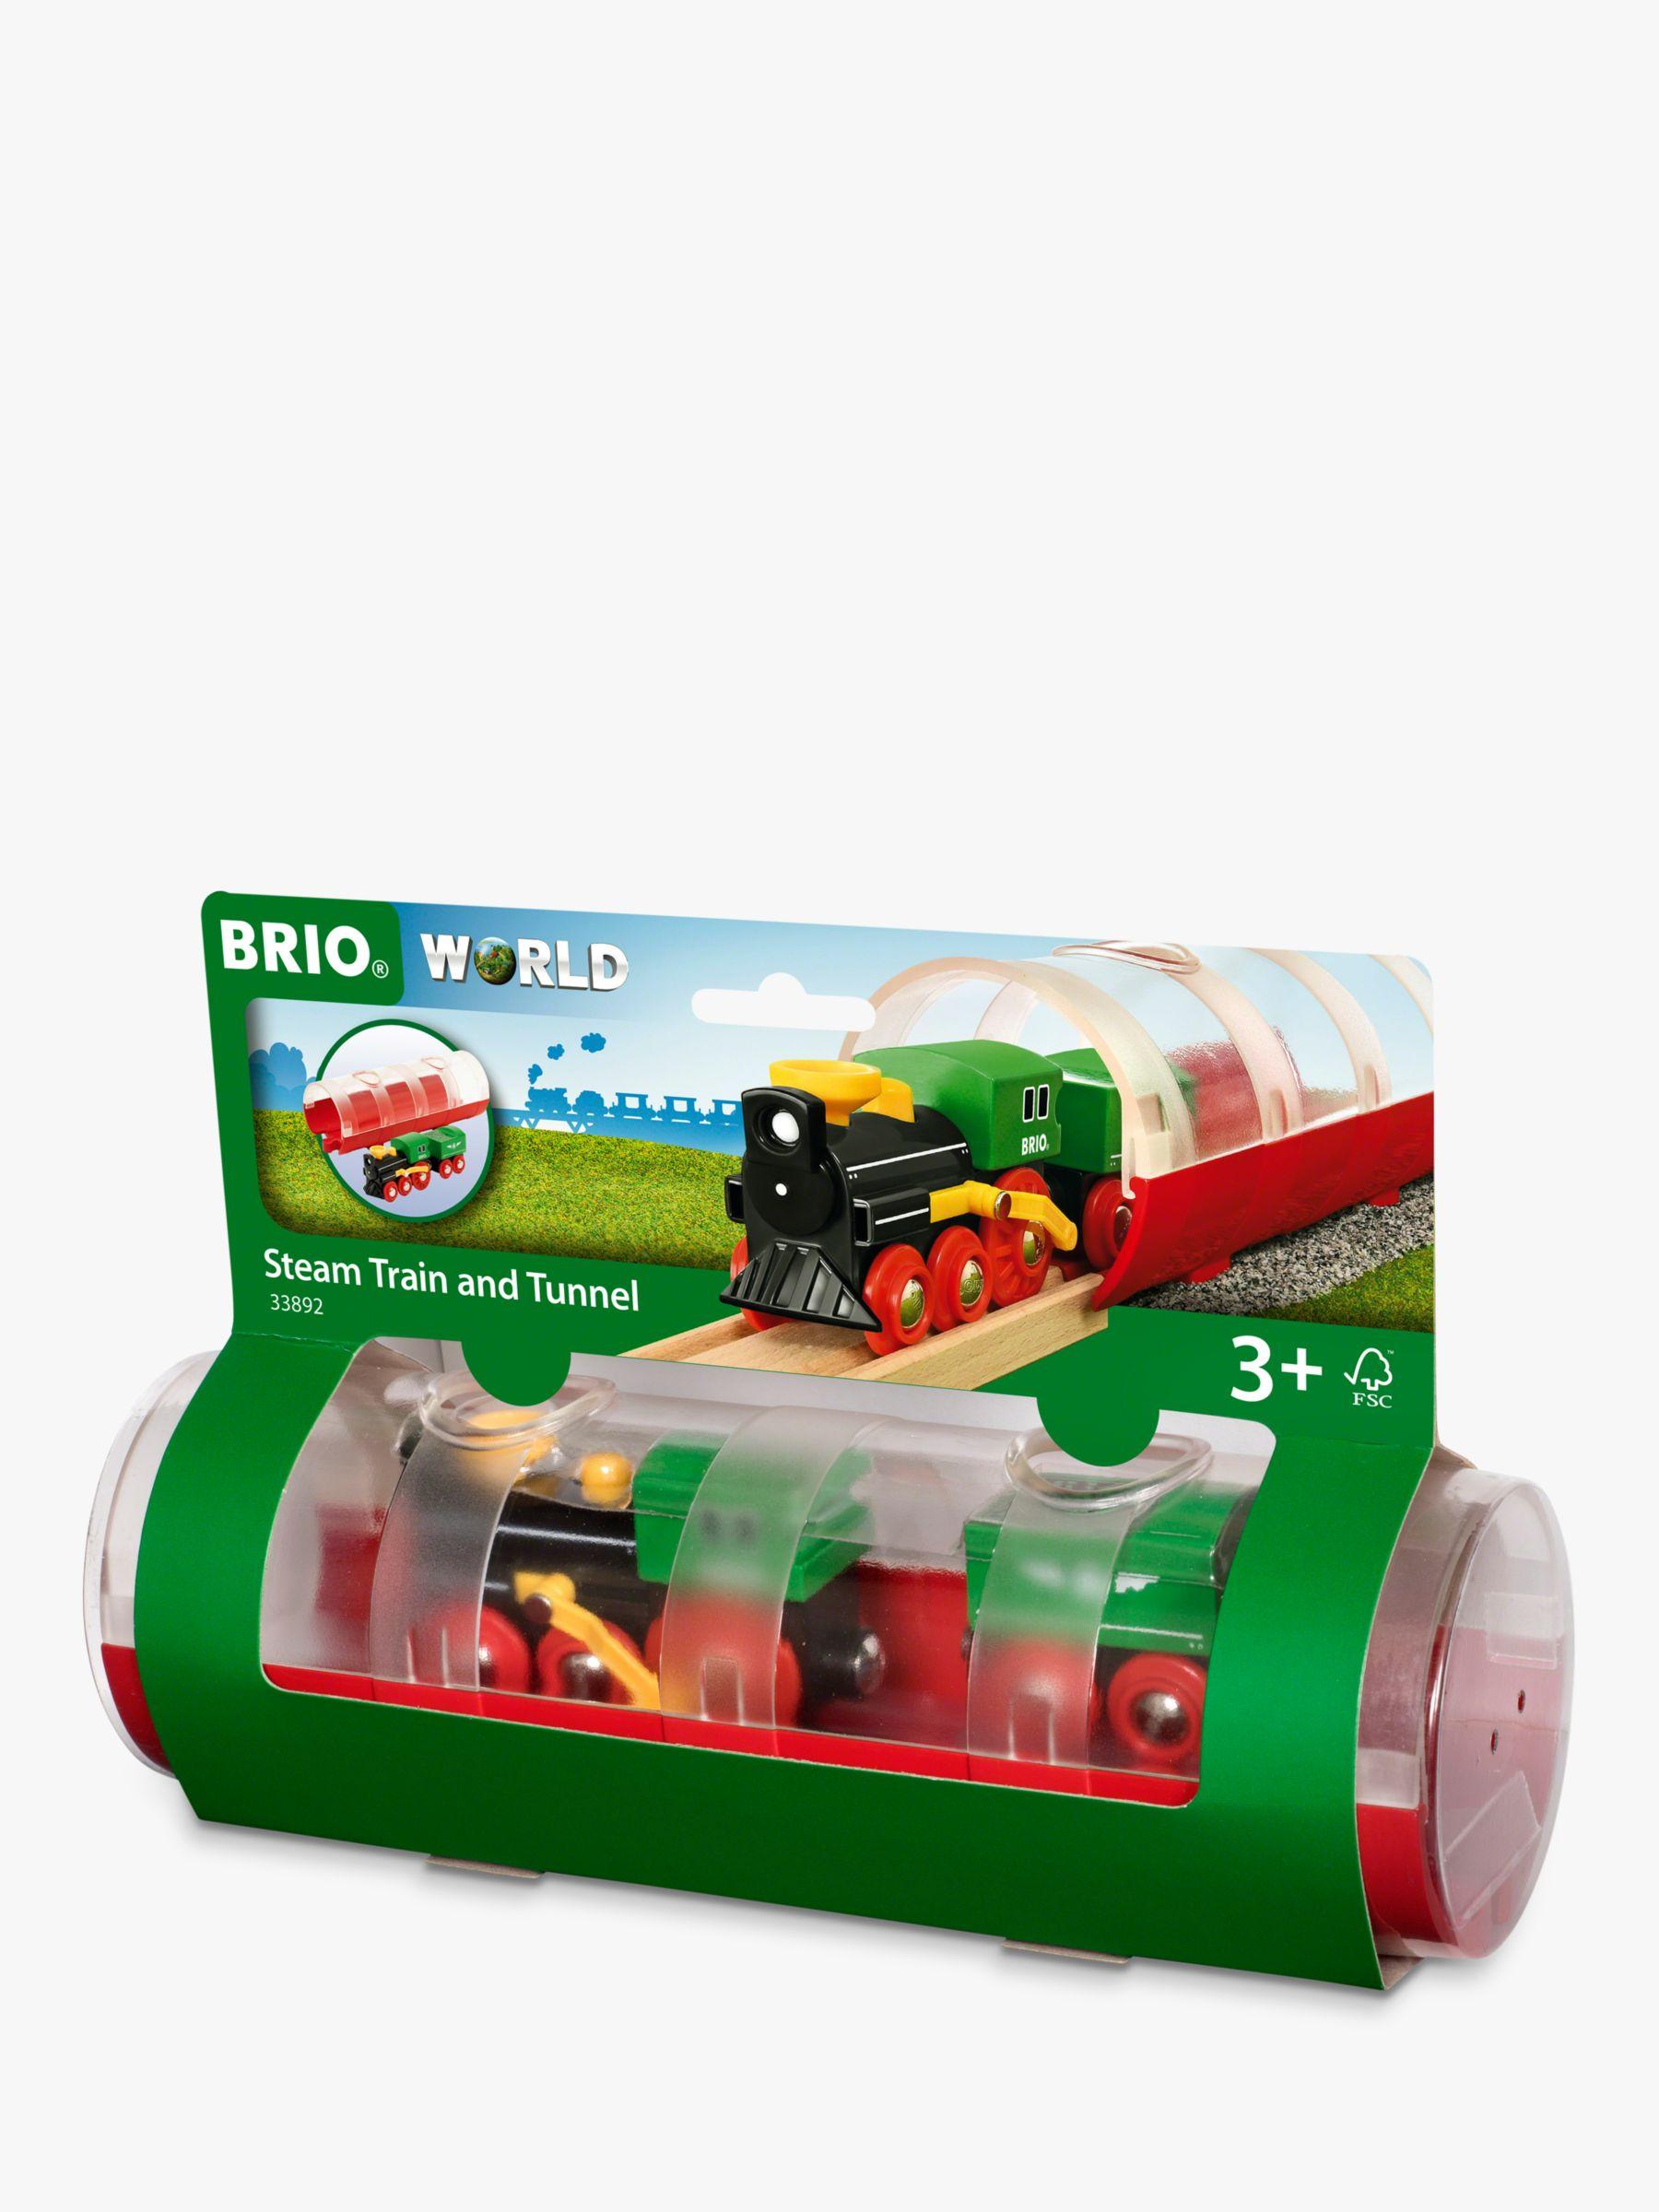 BRIO BRIO World Steam Train and Tunnel